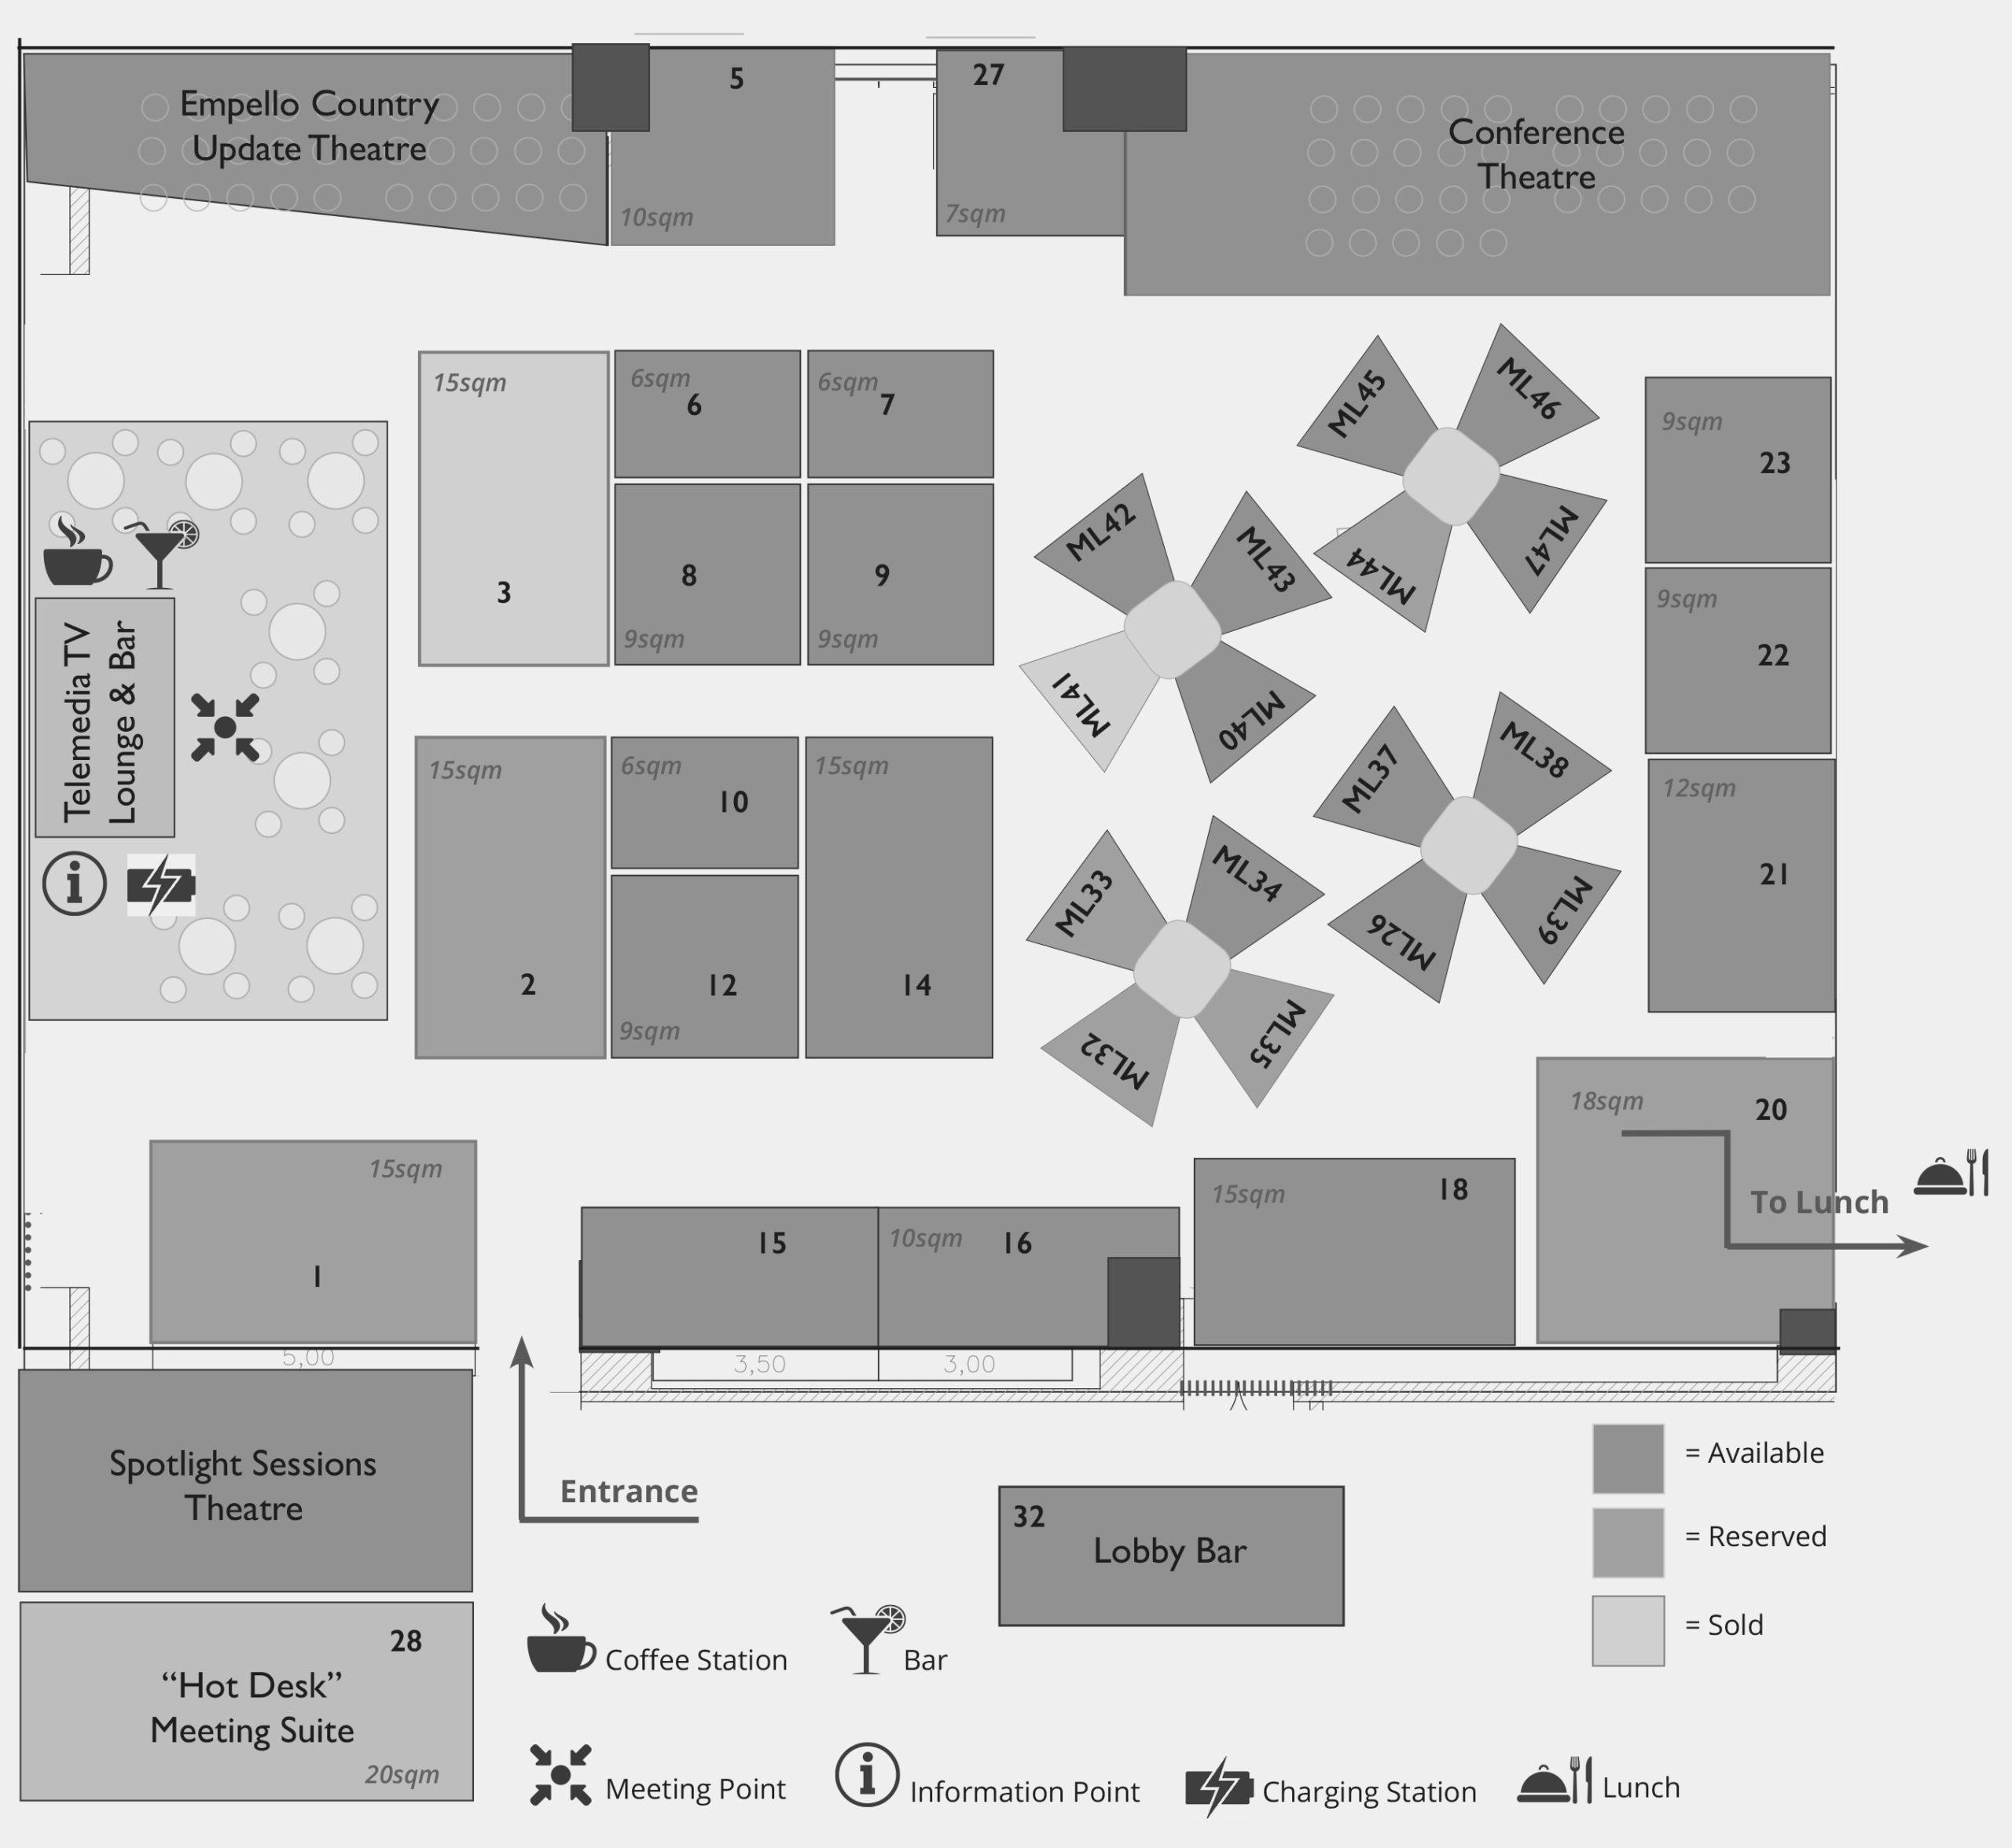 Detailed Floorplan WTM2020